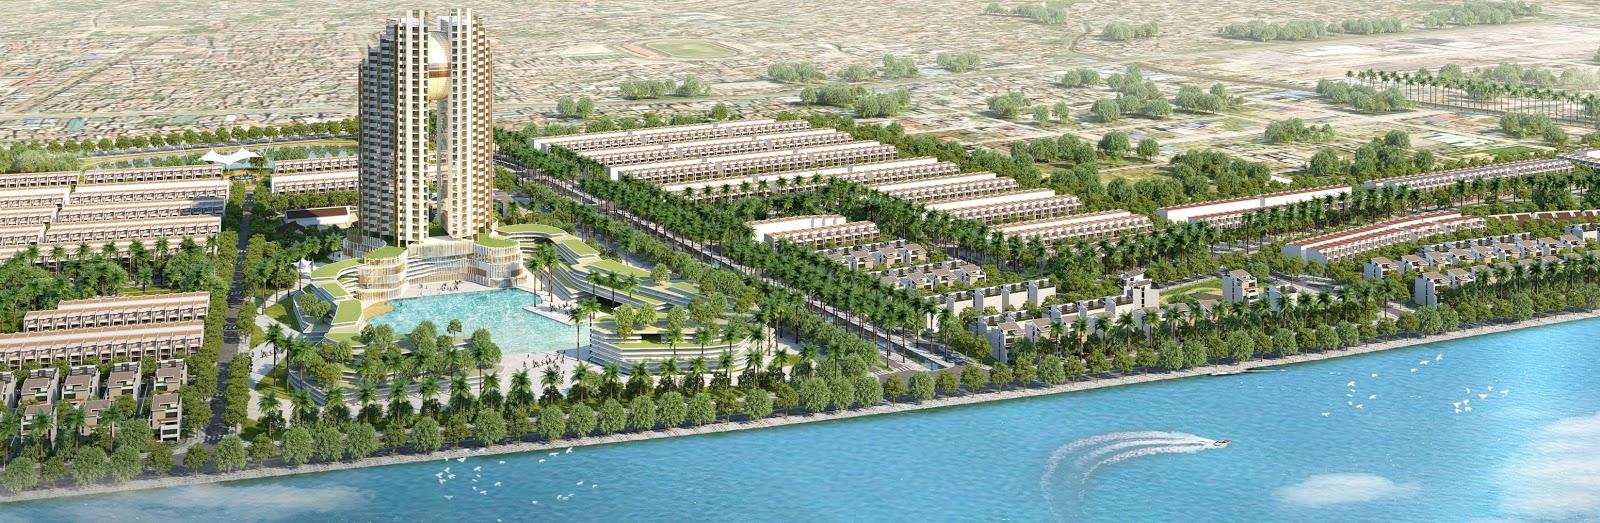 Phối cảnh dự án Green Dragon City Cẩm Phả